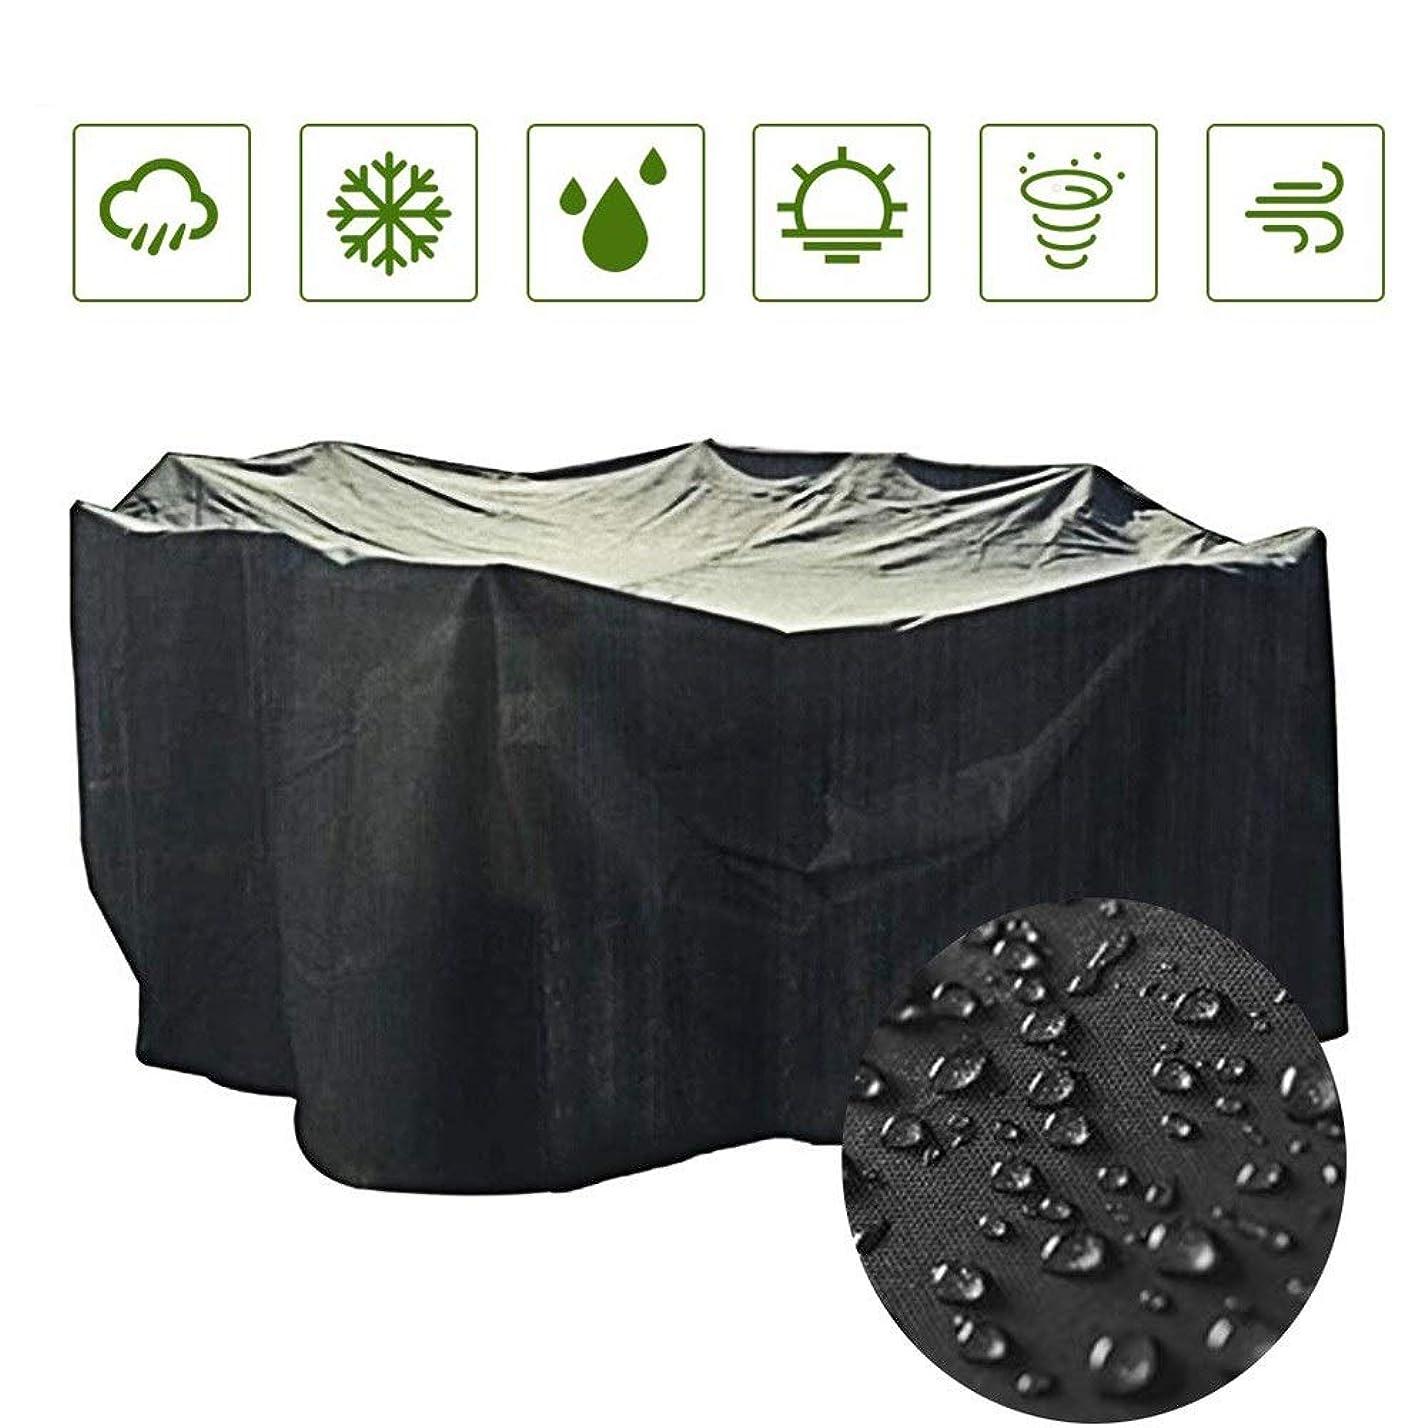 裏切る払い戻し白鳥FQJYNLY ガーデン家具カバーテラス 防水長方形カバー防風性と耐紫外線性ソファと椅子のダストカバーに適しています, 27サイズ (Color : Black, Size : 110×90cm)